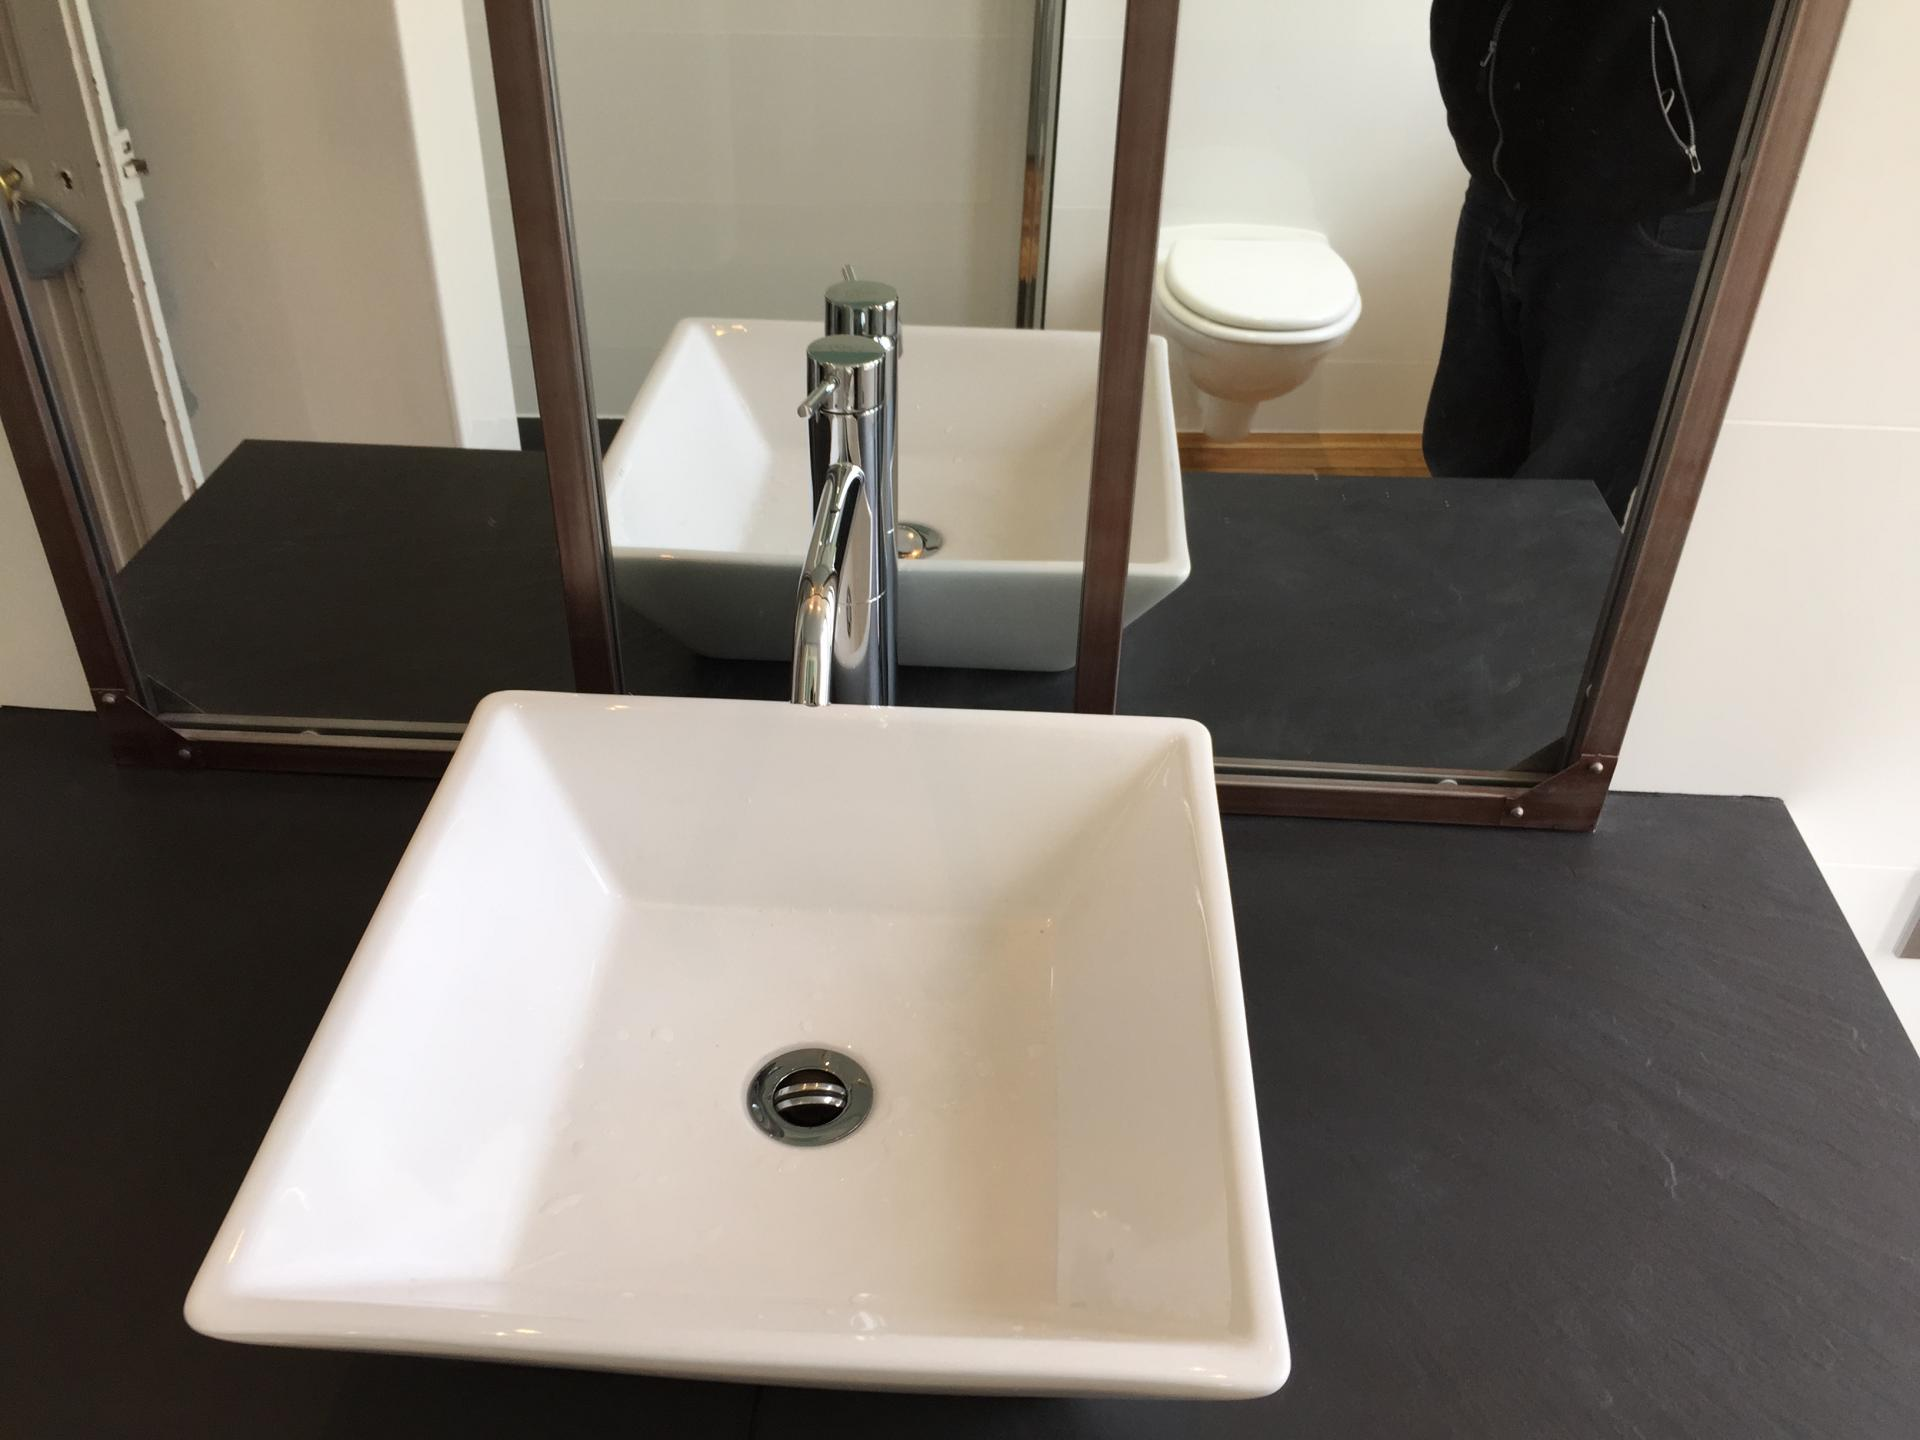 Meuble vasque - Salle de bain à Louviers